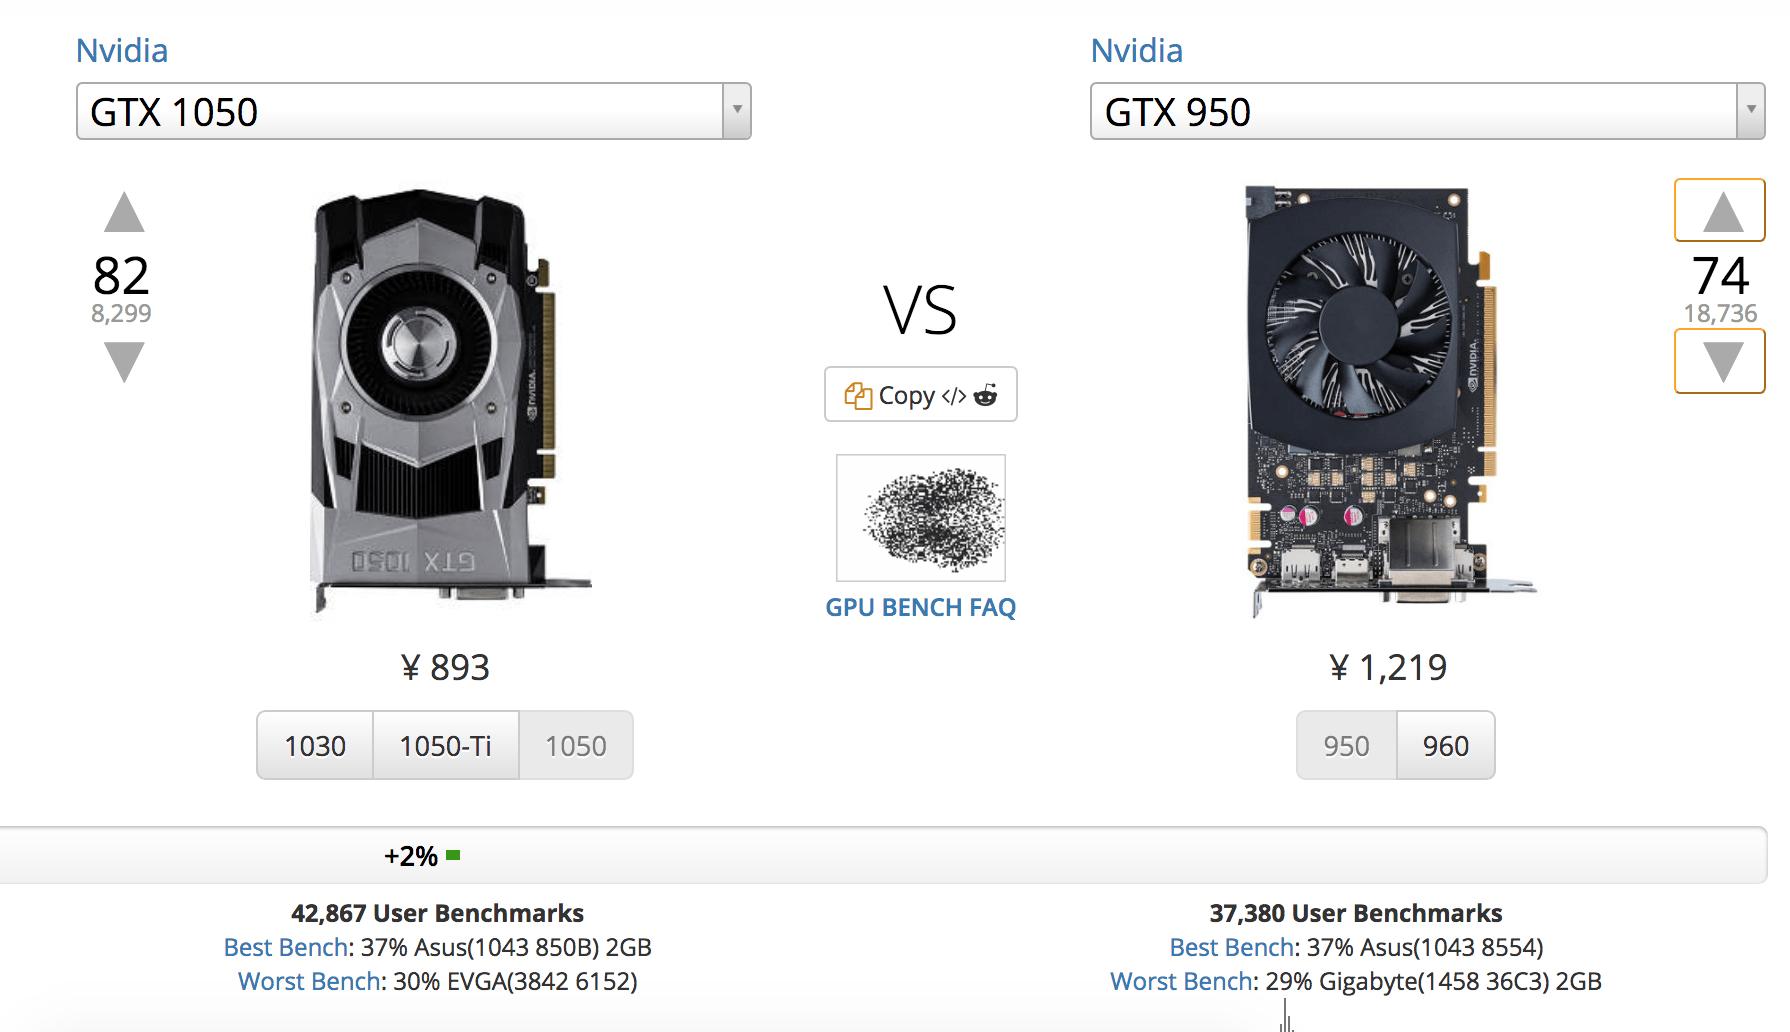 2G显存的GTX1050、GTX960、GTX950、GTX760显卡哪个更好? - 1050vs950